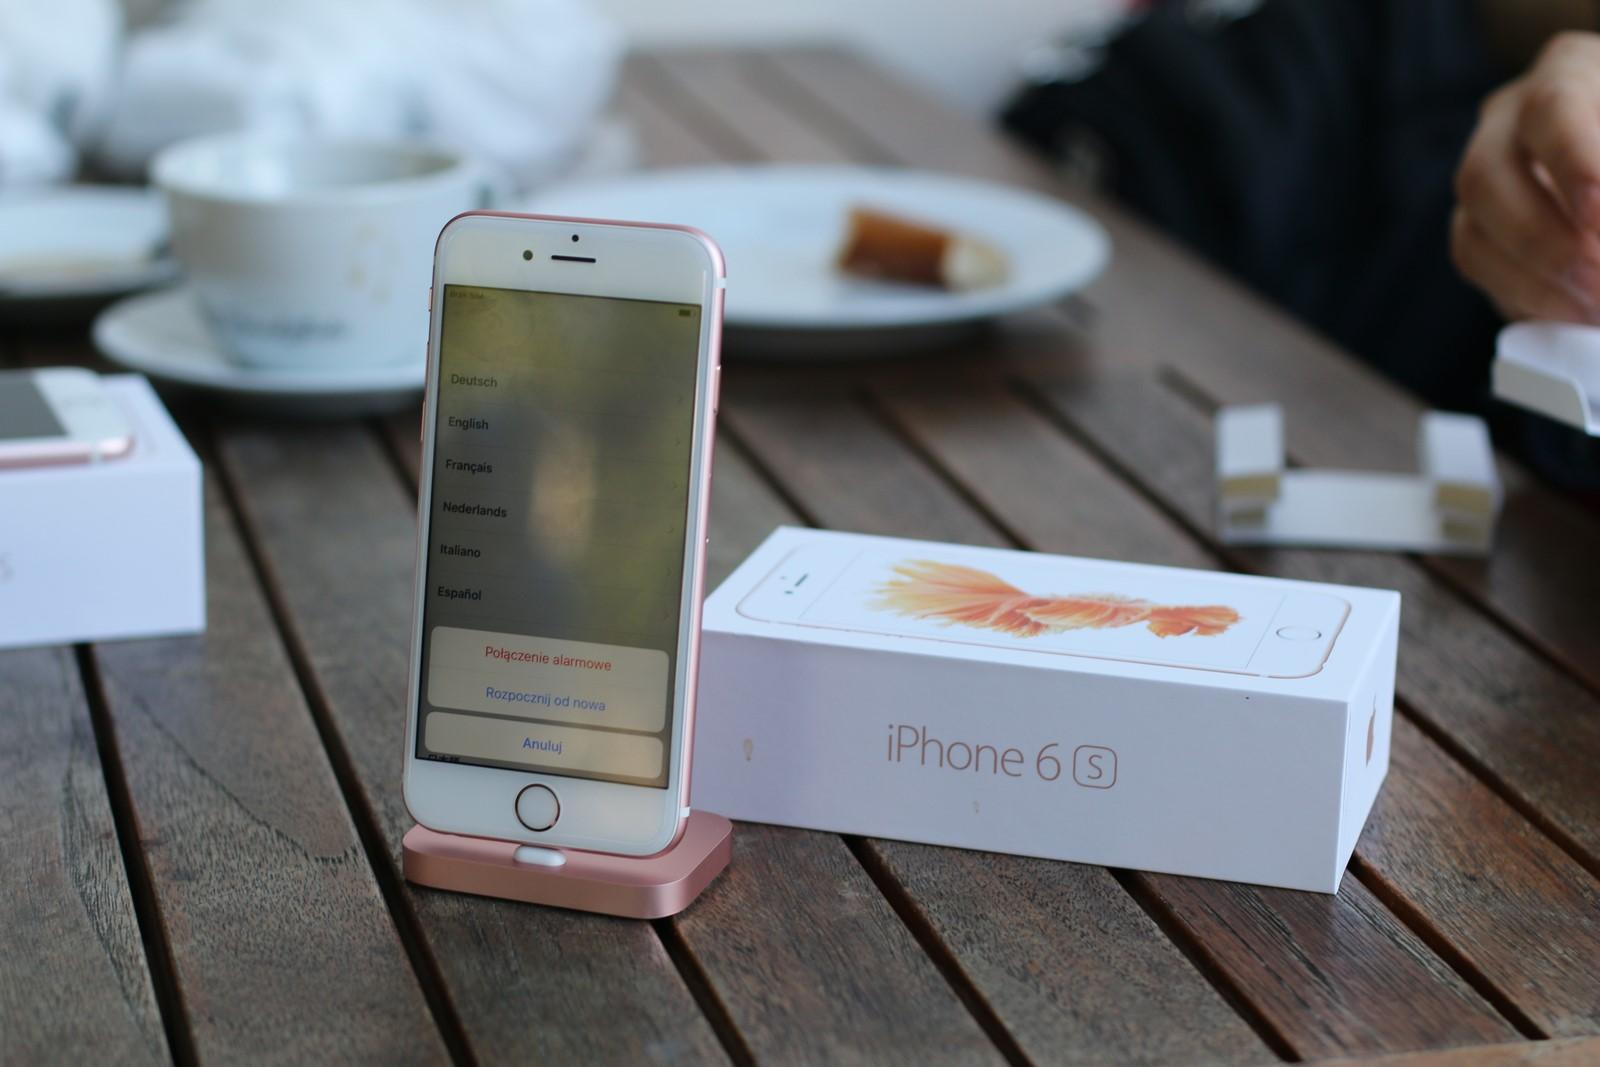 Wykres dnia: kolejny rekord Apple'a – 13 mln sprzedanych iPhone'ów 6s i 6s Plus w weekend